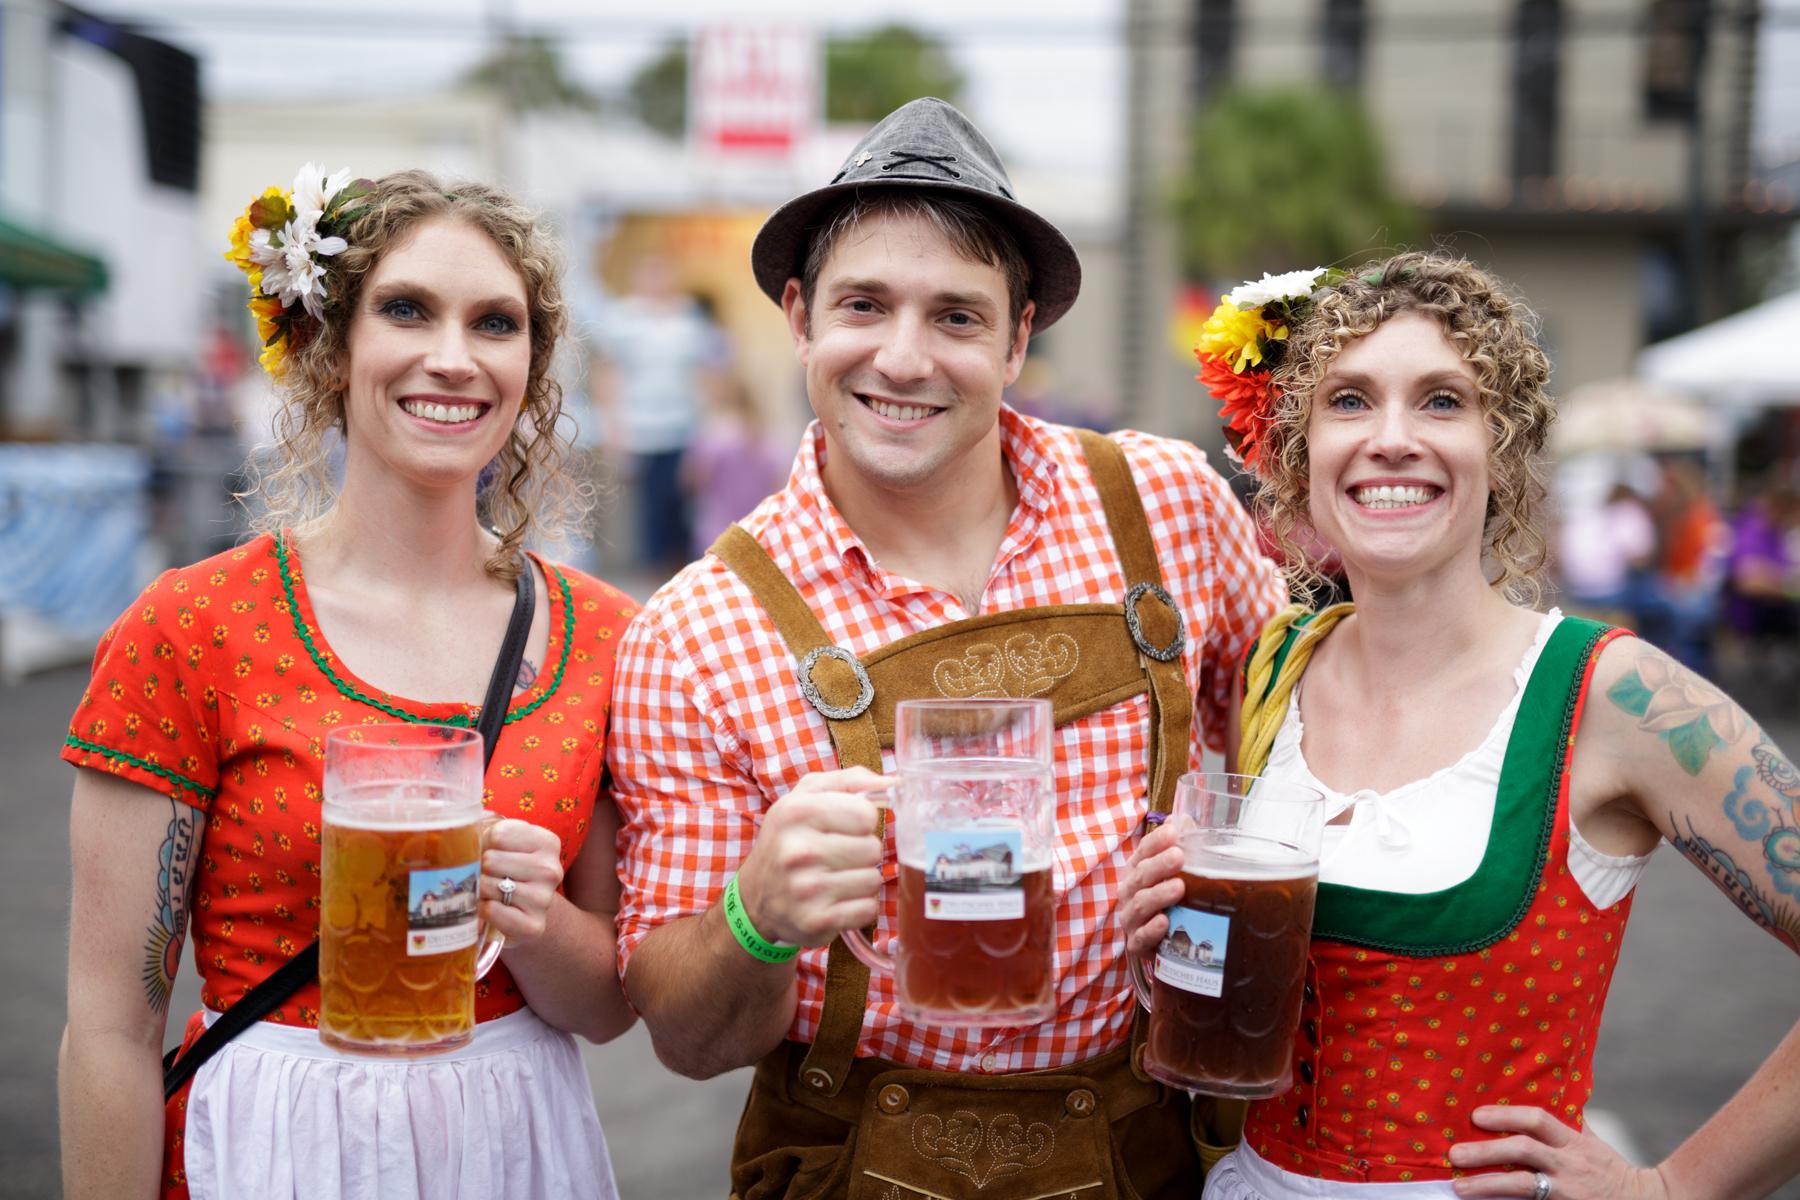 Enjoy Bier and Gemütlichkeit at Oktoberfest 2016